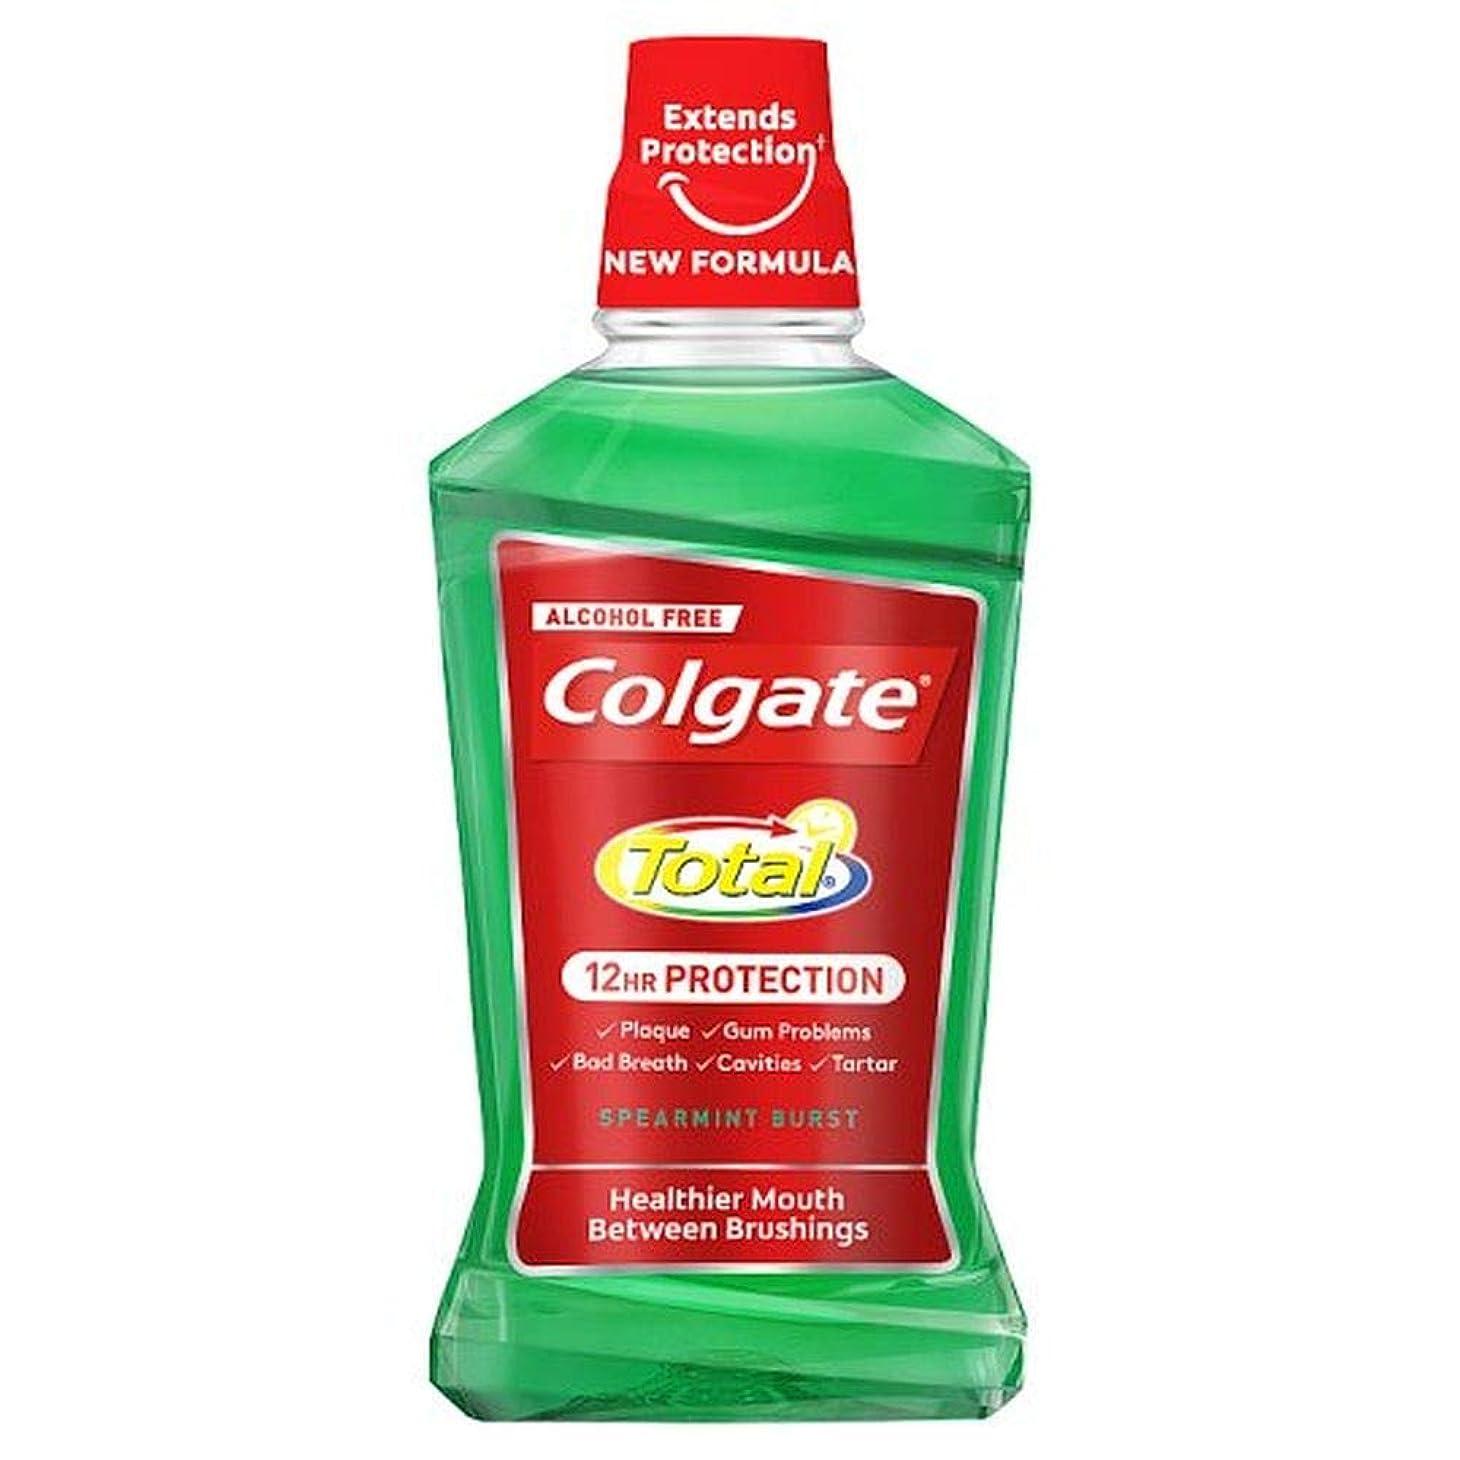 ムスタチオ待って泥だらけ[Colgate ] コルゲートトータル高度なスペアミントマウスウォッシュ500ミリリットル - Colgate Total Advanced Spearmint Mouthwash 500Ml [並行輸入品]